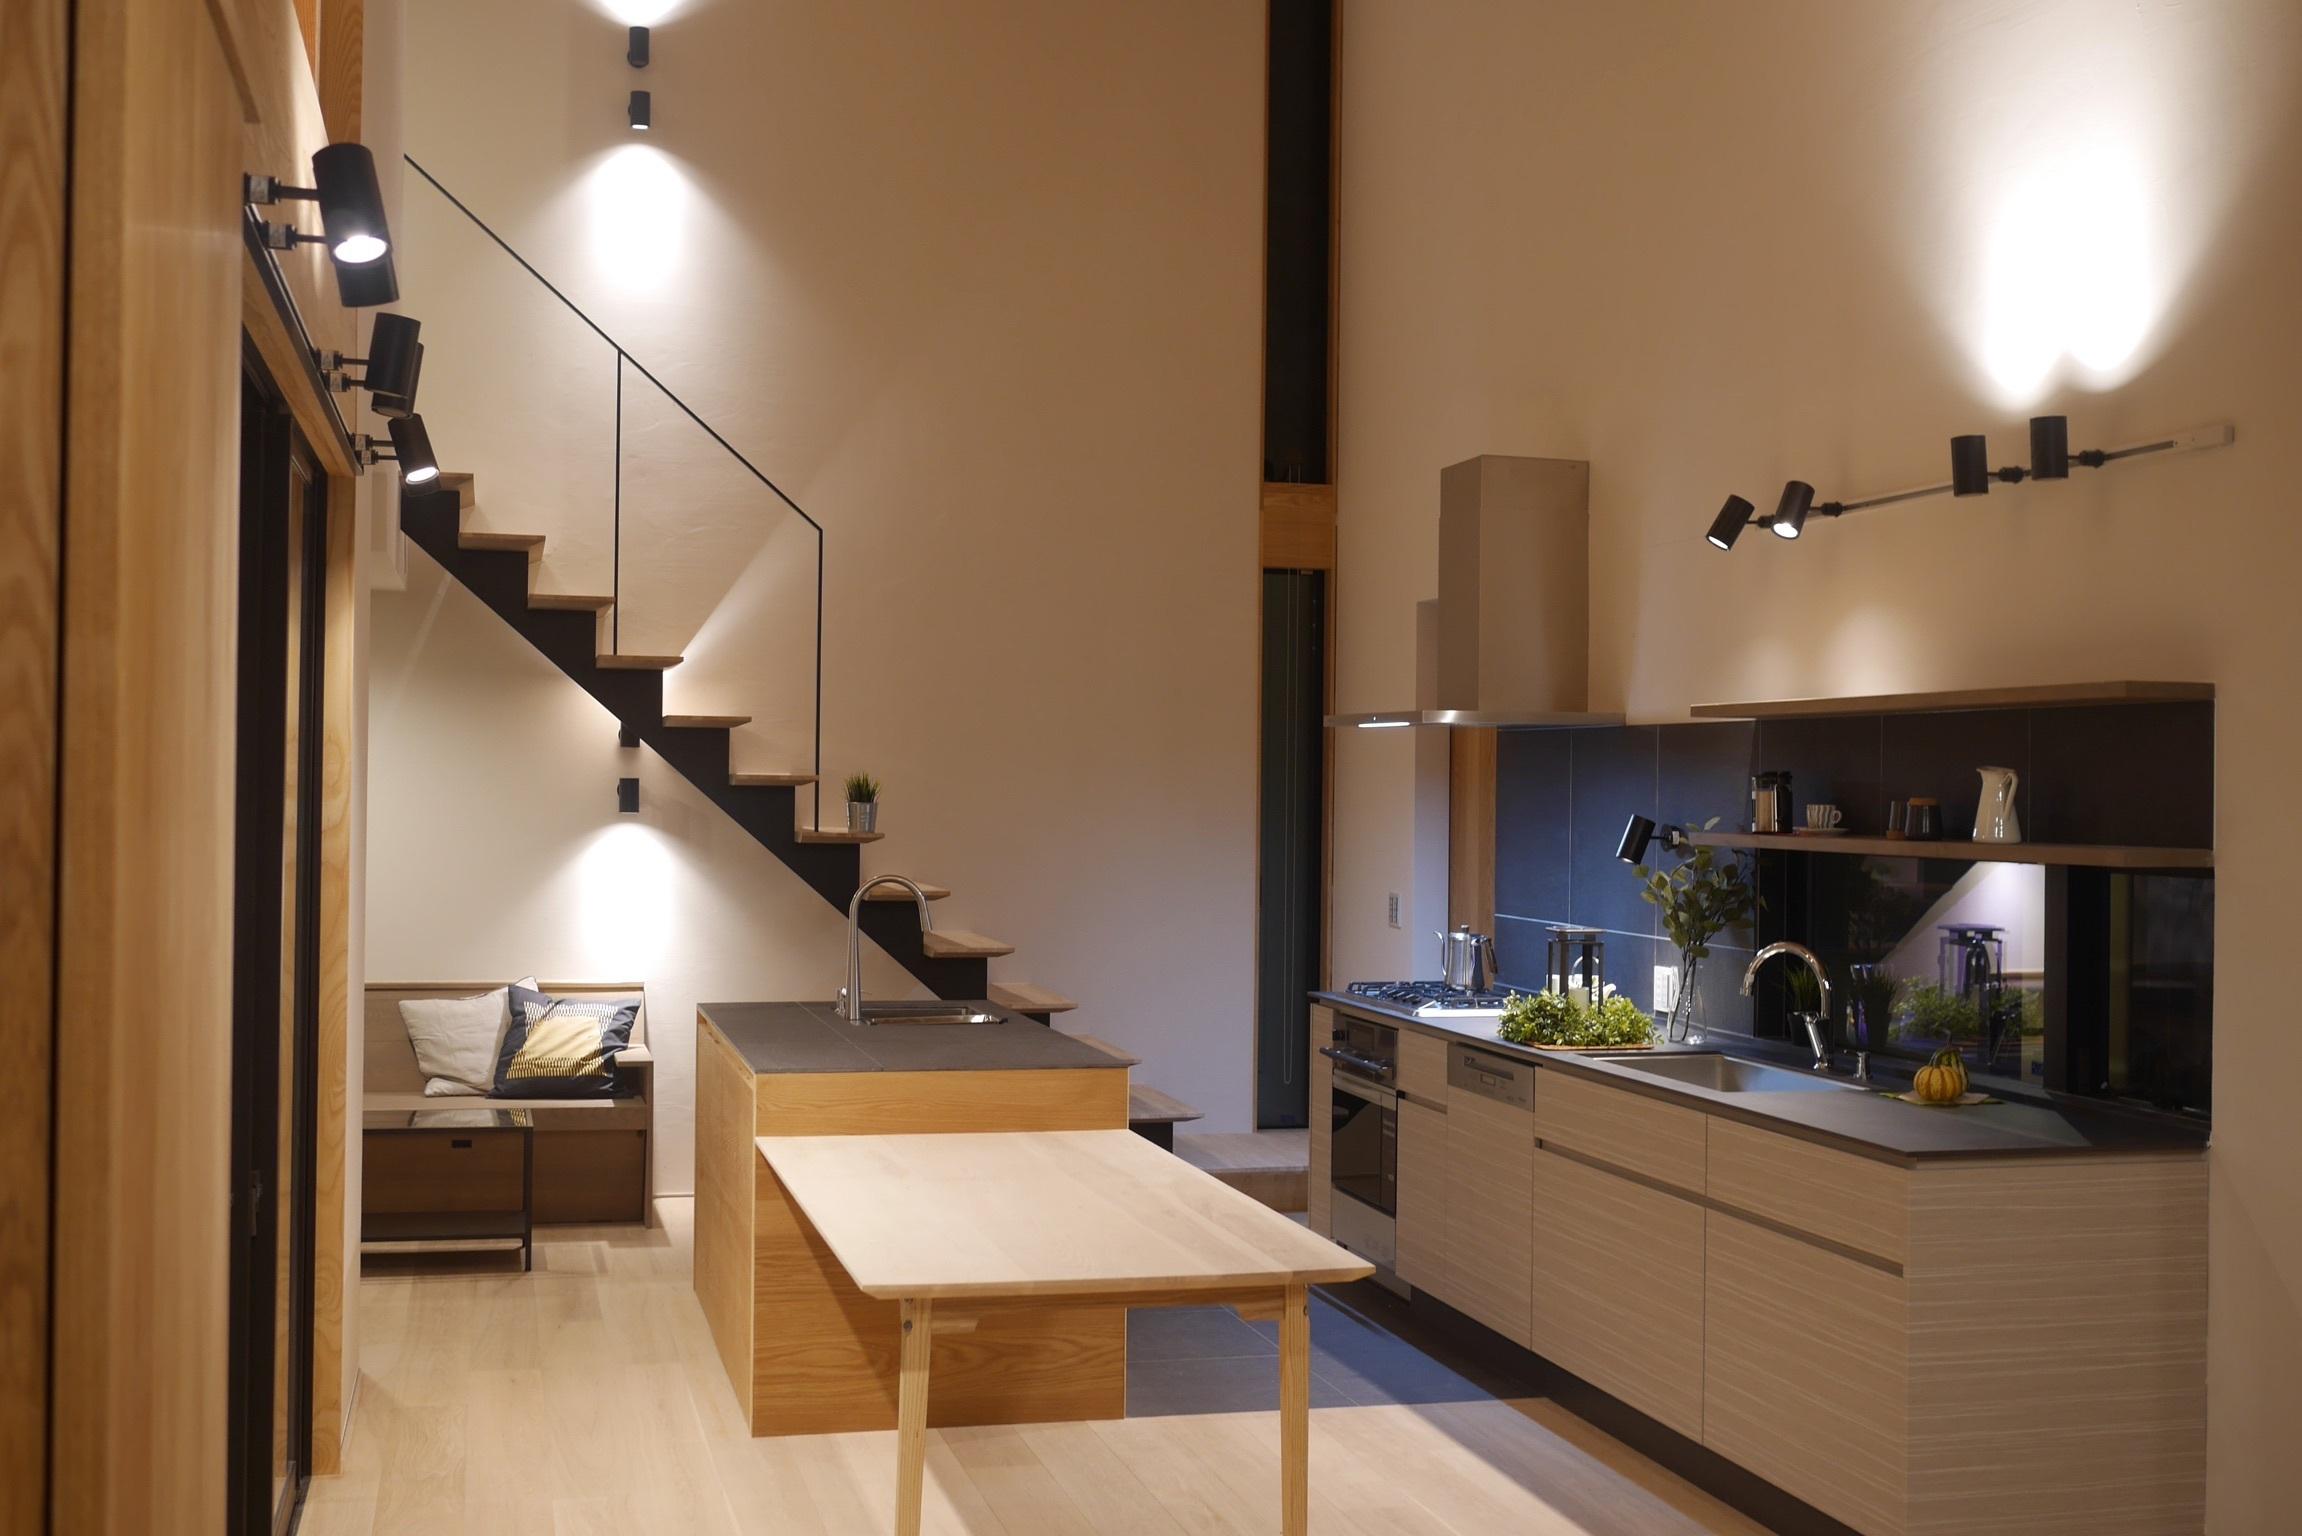 キッチン オープンハウス前夜